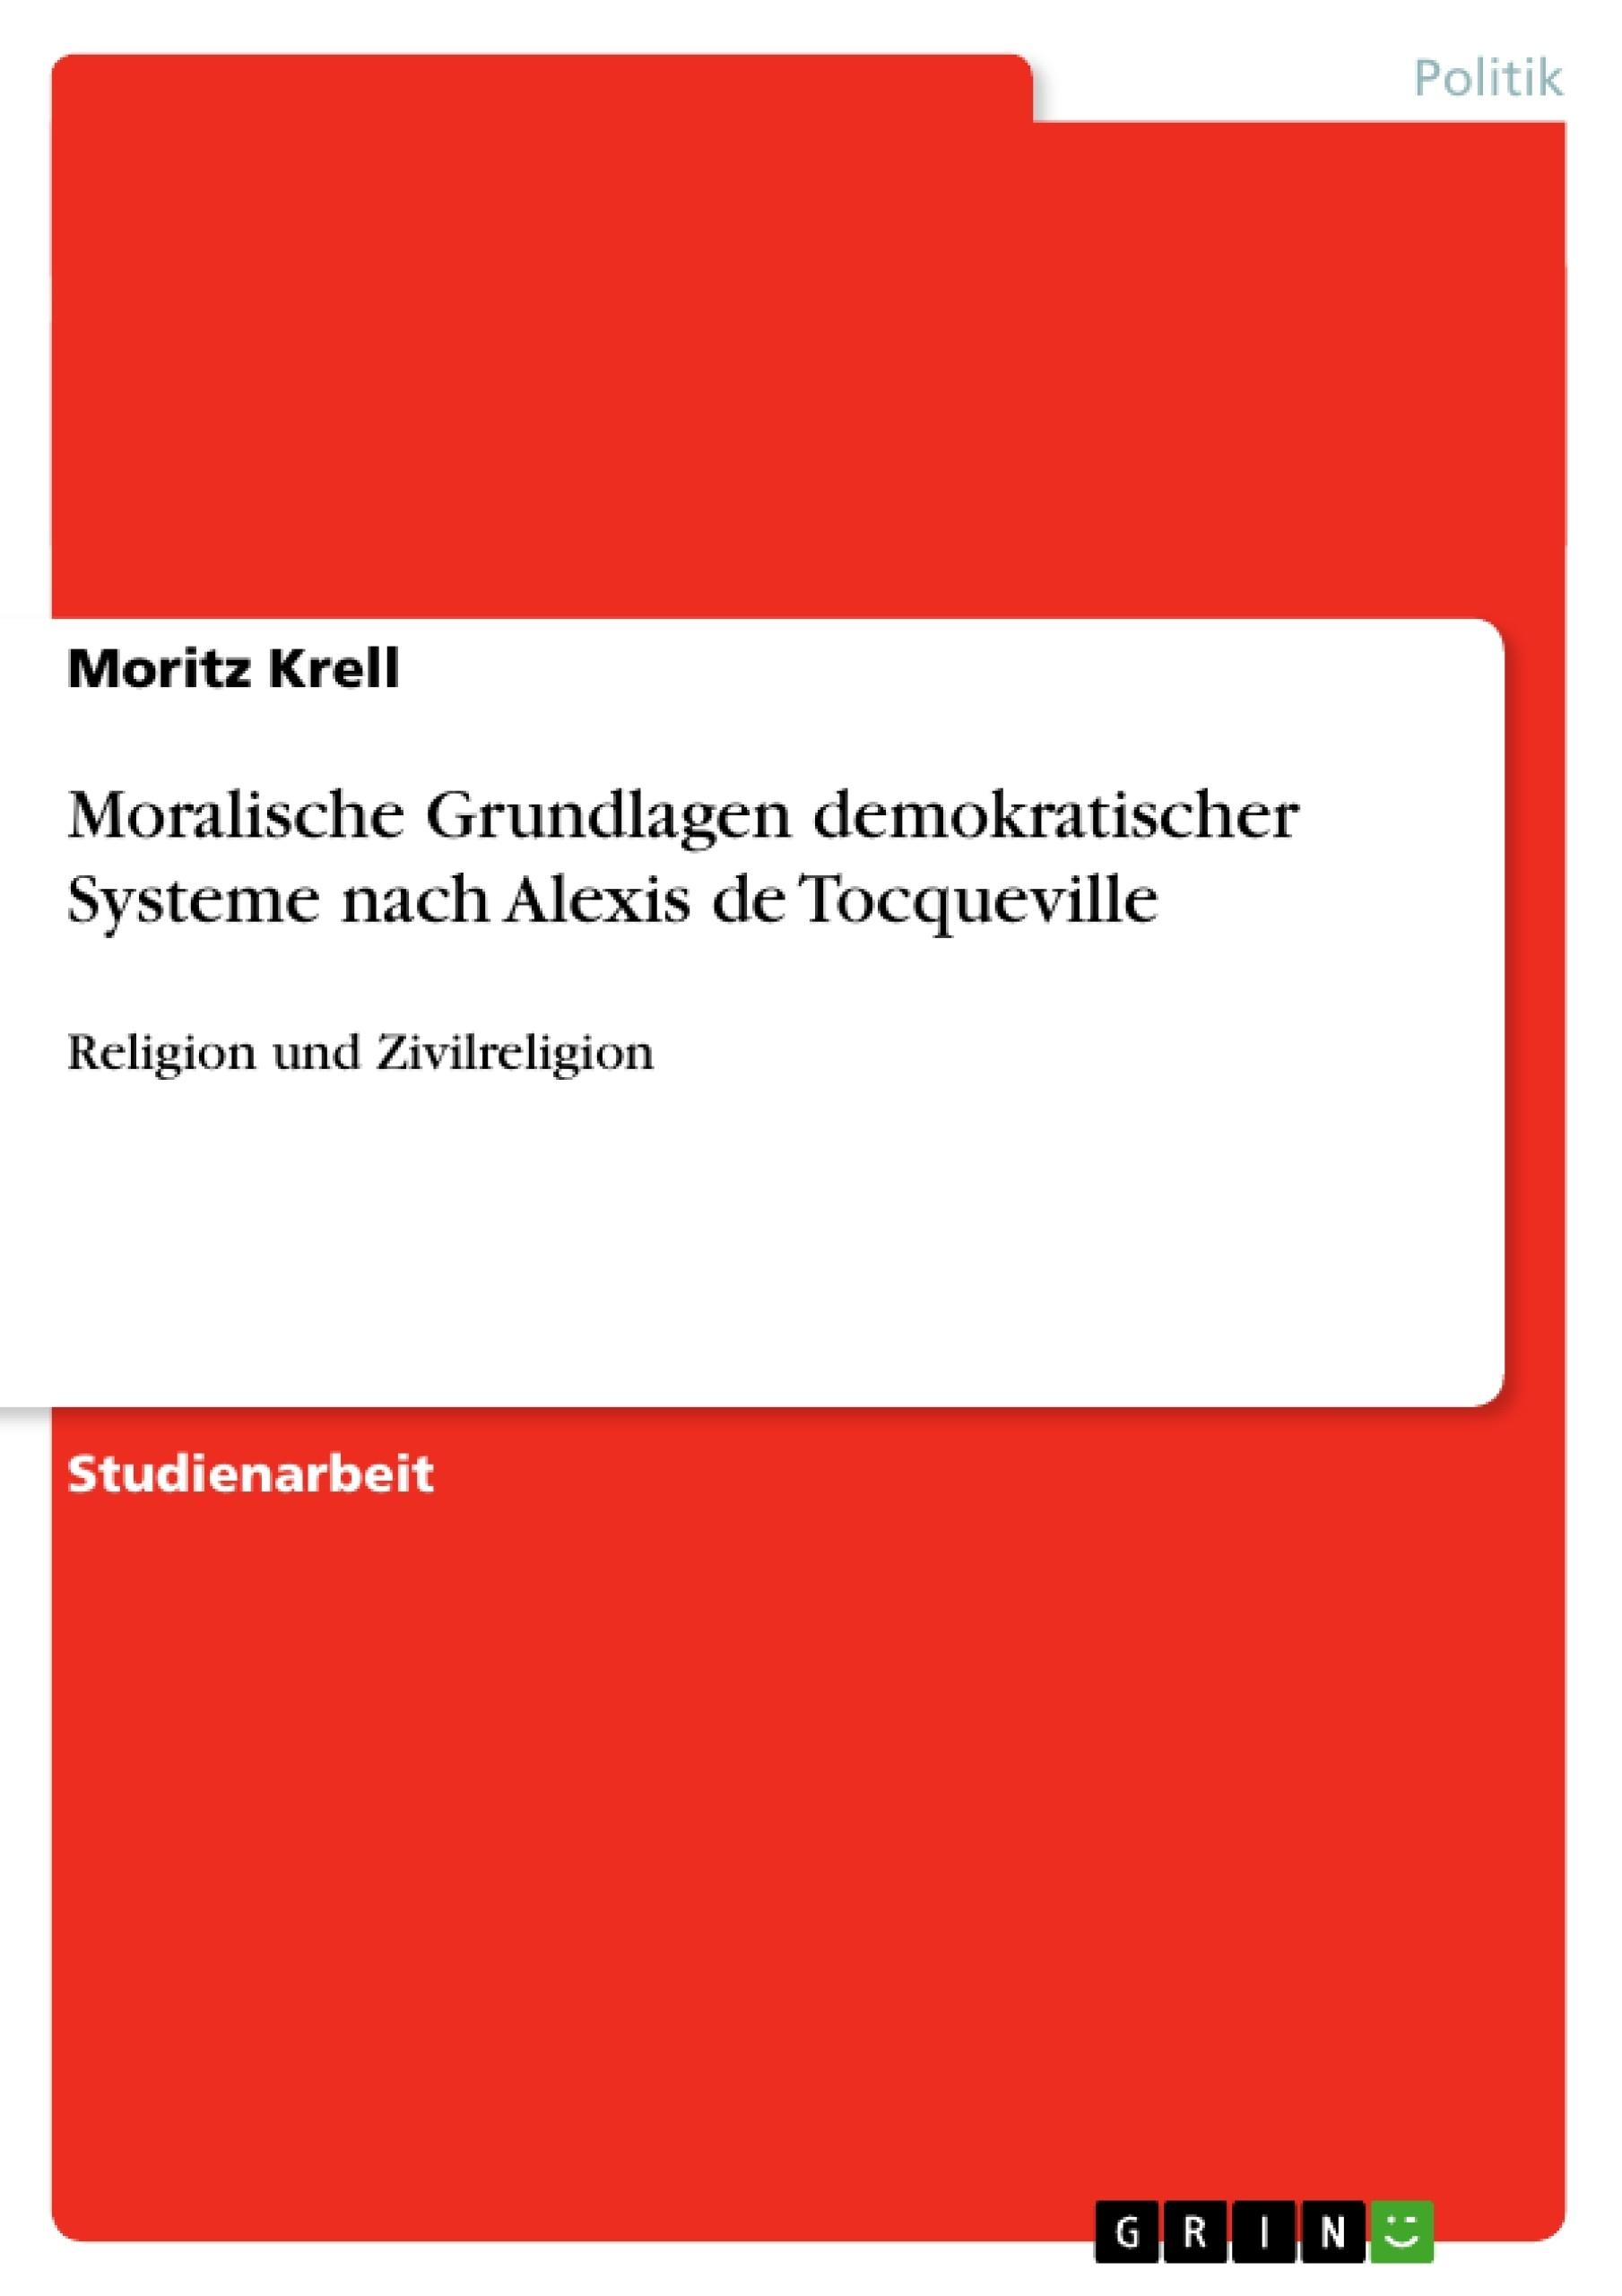 Titel: Moralische Grundlagen demokratischer Systeme nach Alexis de Tocqueville